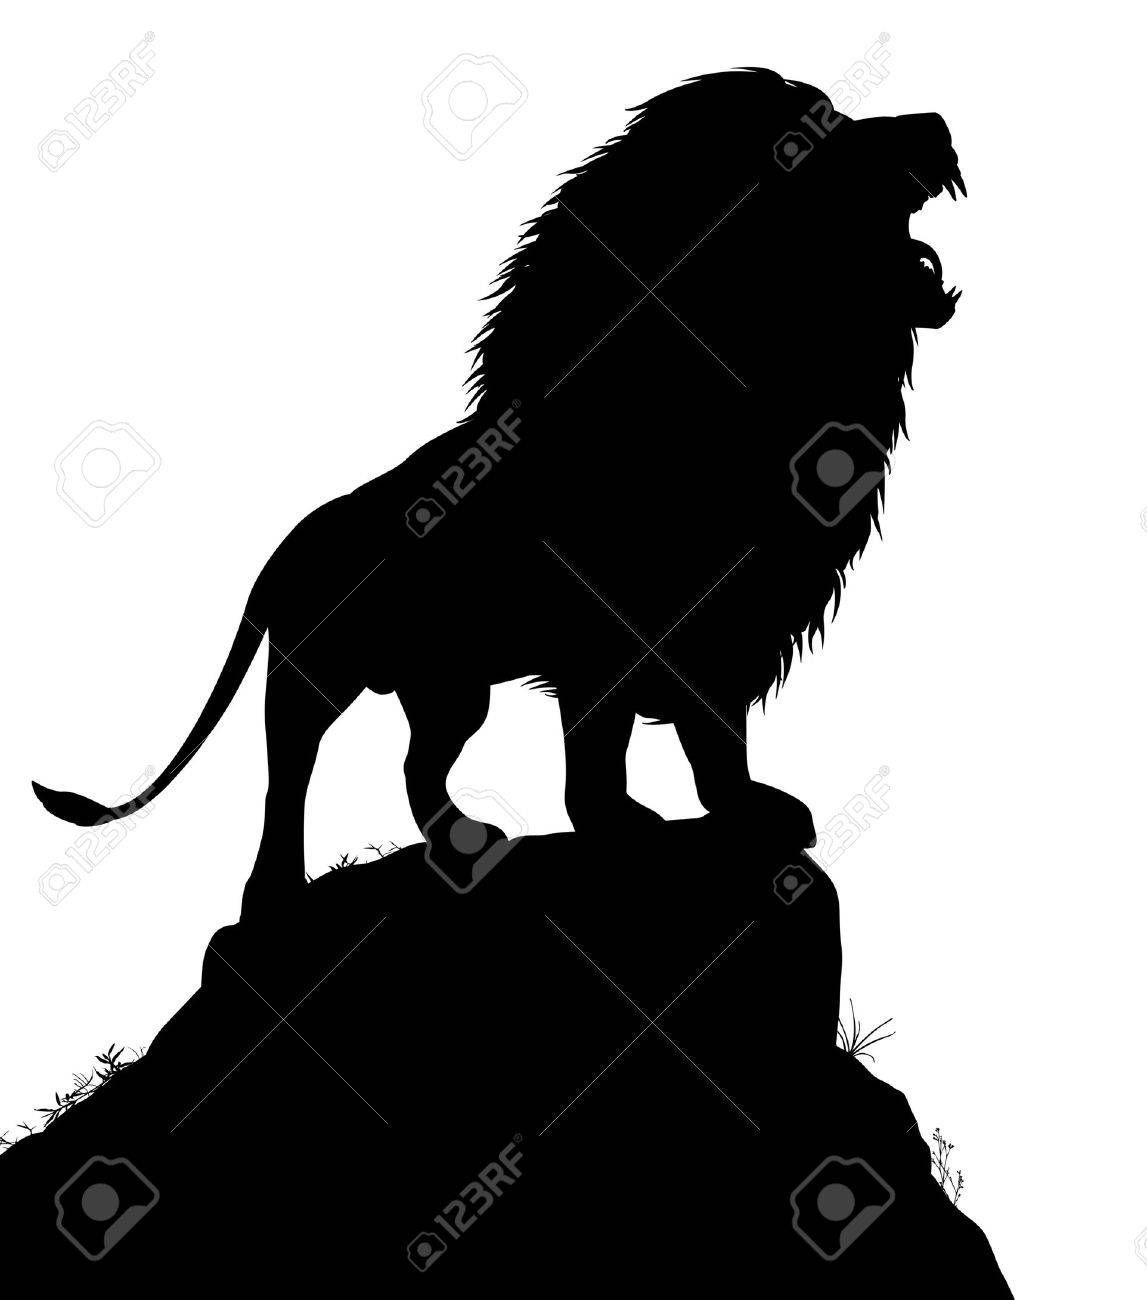 Pin By Ermolaeva Dayana On Siluety Lion Silhouette Lion Art Animal Silhouette